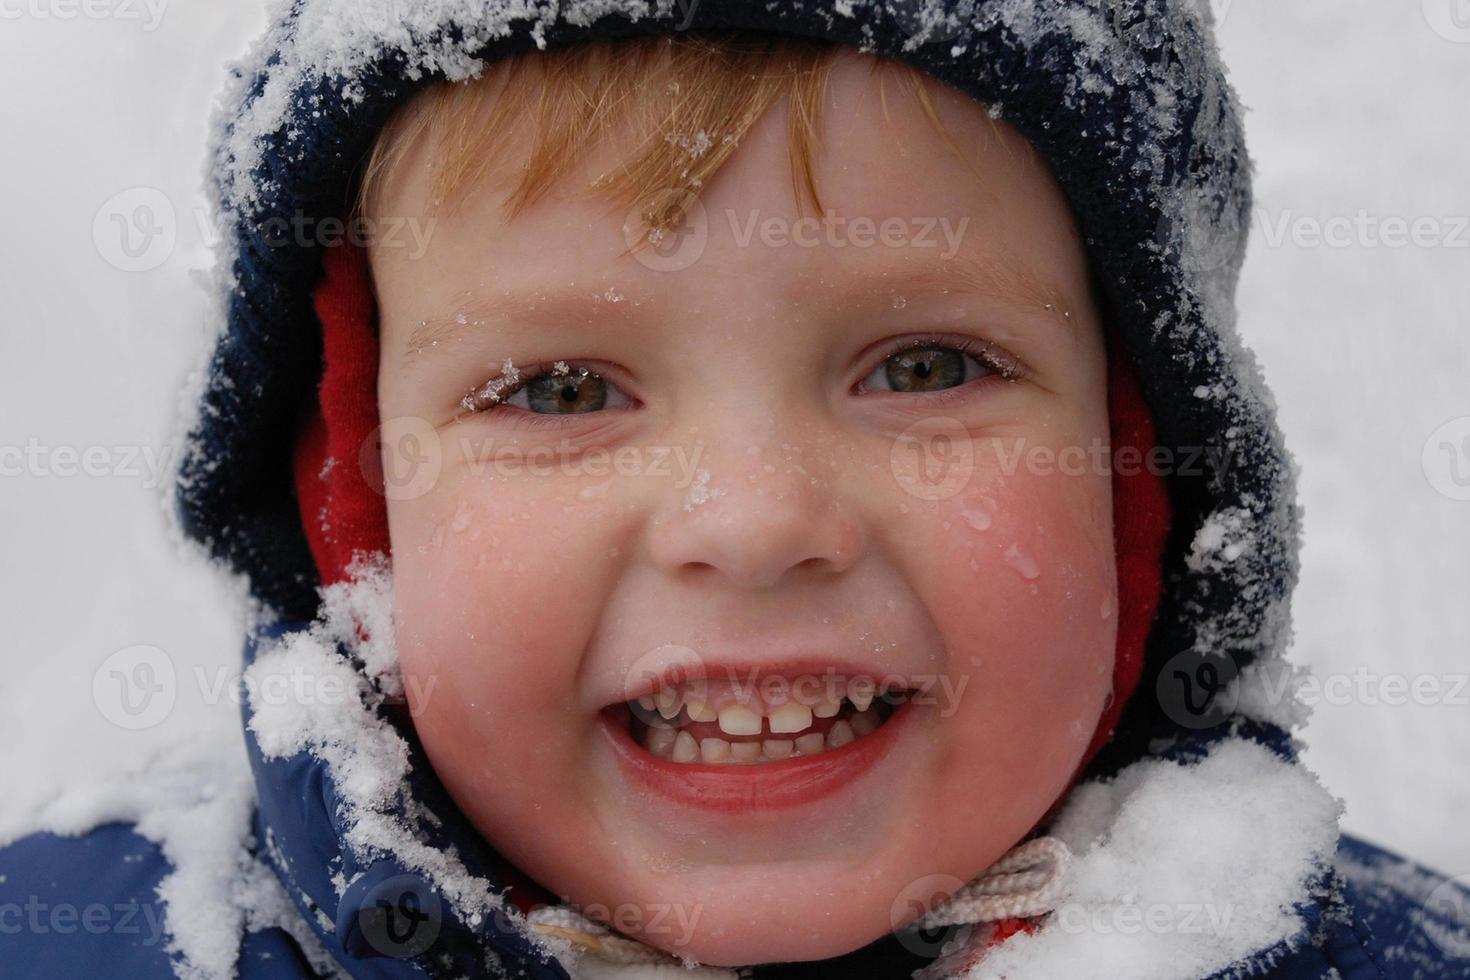 eerste sneeuw foto